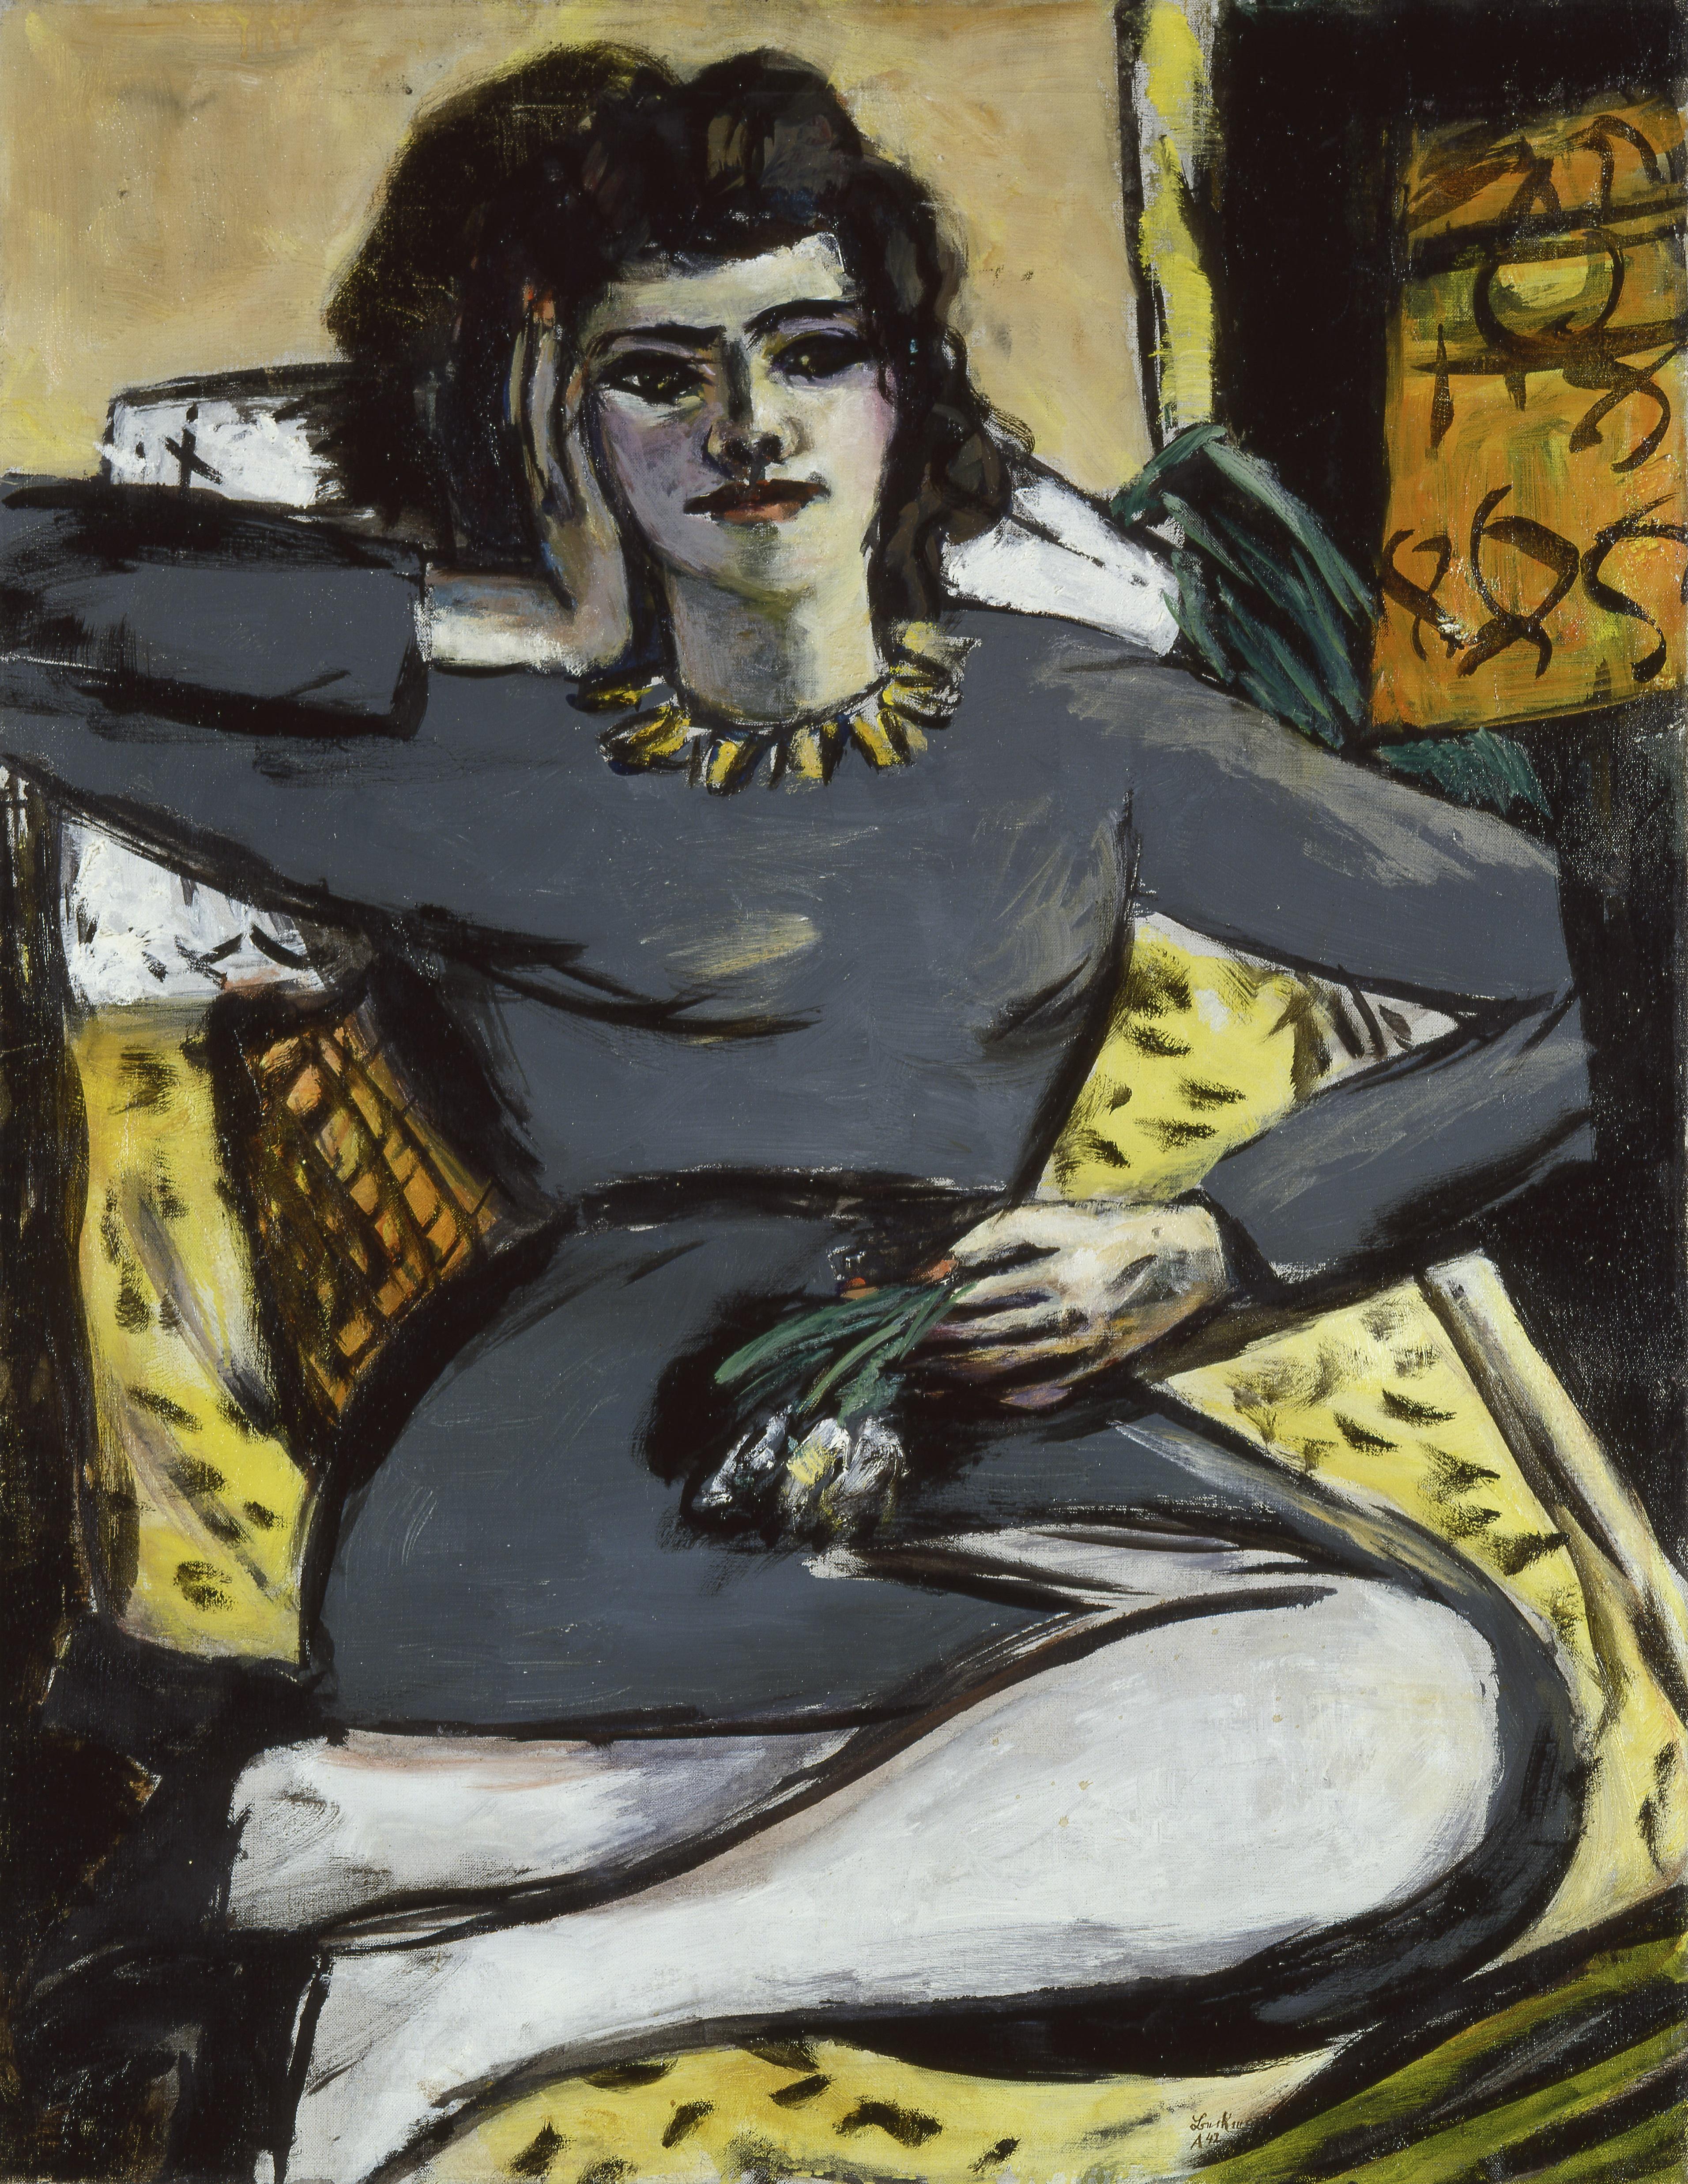 Max Beckmann, Ruhende Frau mit Nelken (Quappi auf dem Sofa bei Licht), 1940-42, Öl auf Leinwand 90, 2 x 70,5 cm, Sprengel Museum Hannover. Kunstbesitz der Landeshauptstadt Hannover